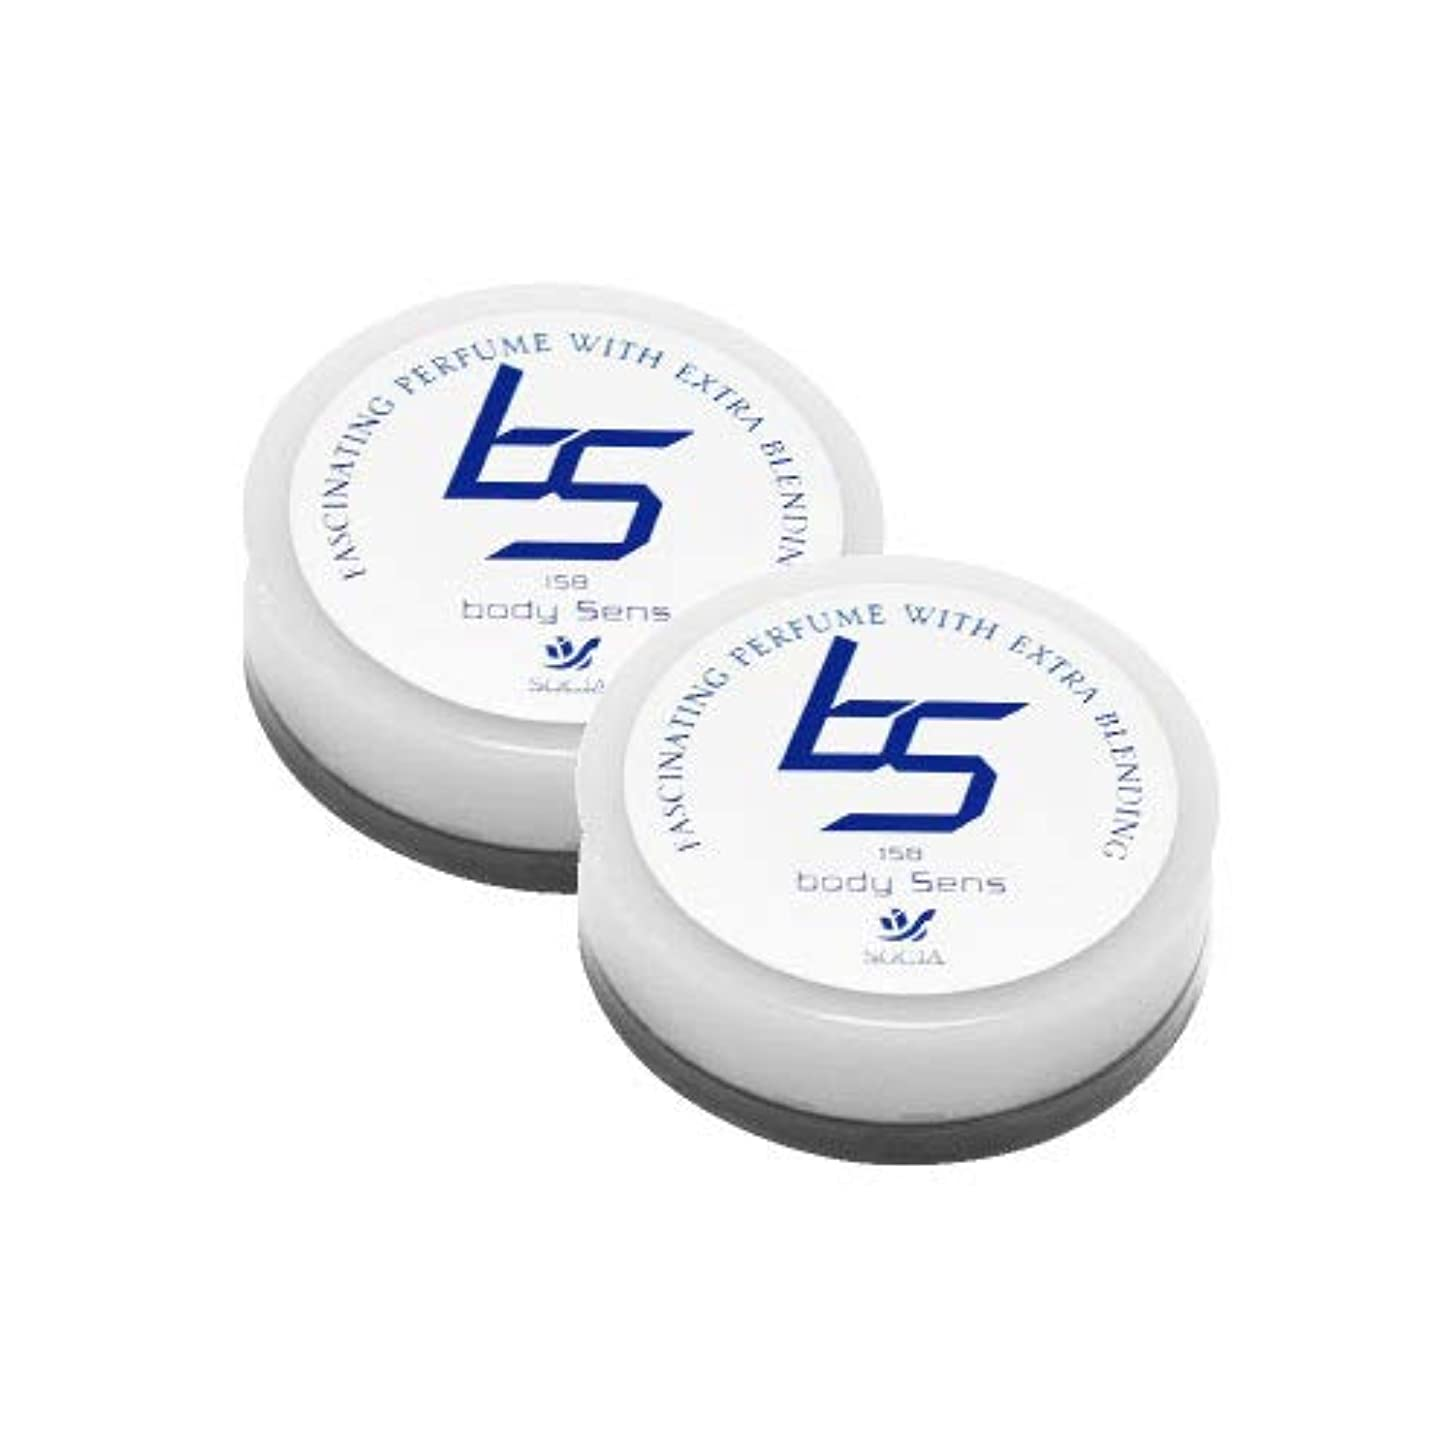 敵意子音一次ソシア (SOCIA) ボディセンス 2個セット 男性用 フェロモン 香水 (微香性 ムスク系の香り) メンズ用 練り香水 (4g 約1ヶ月分×2個)